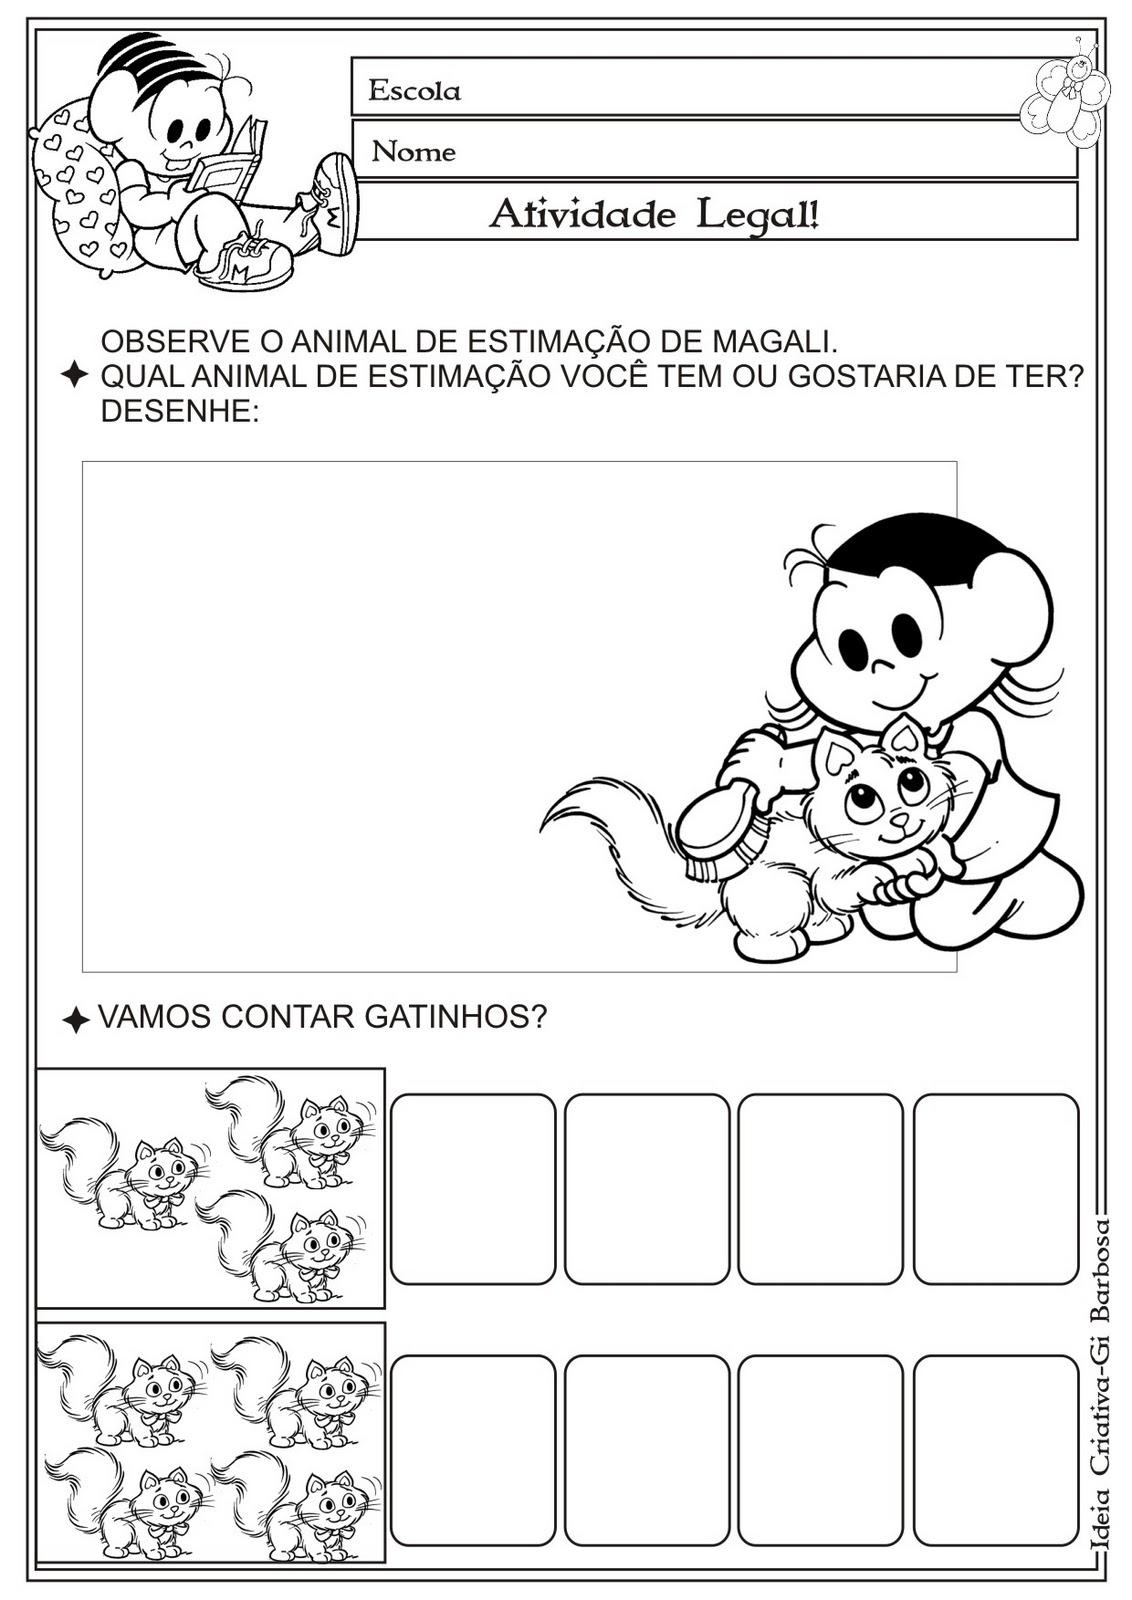 Atividade Matemática Educação Infantil Temática Animais Gato Mingau